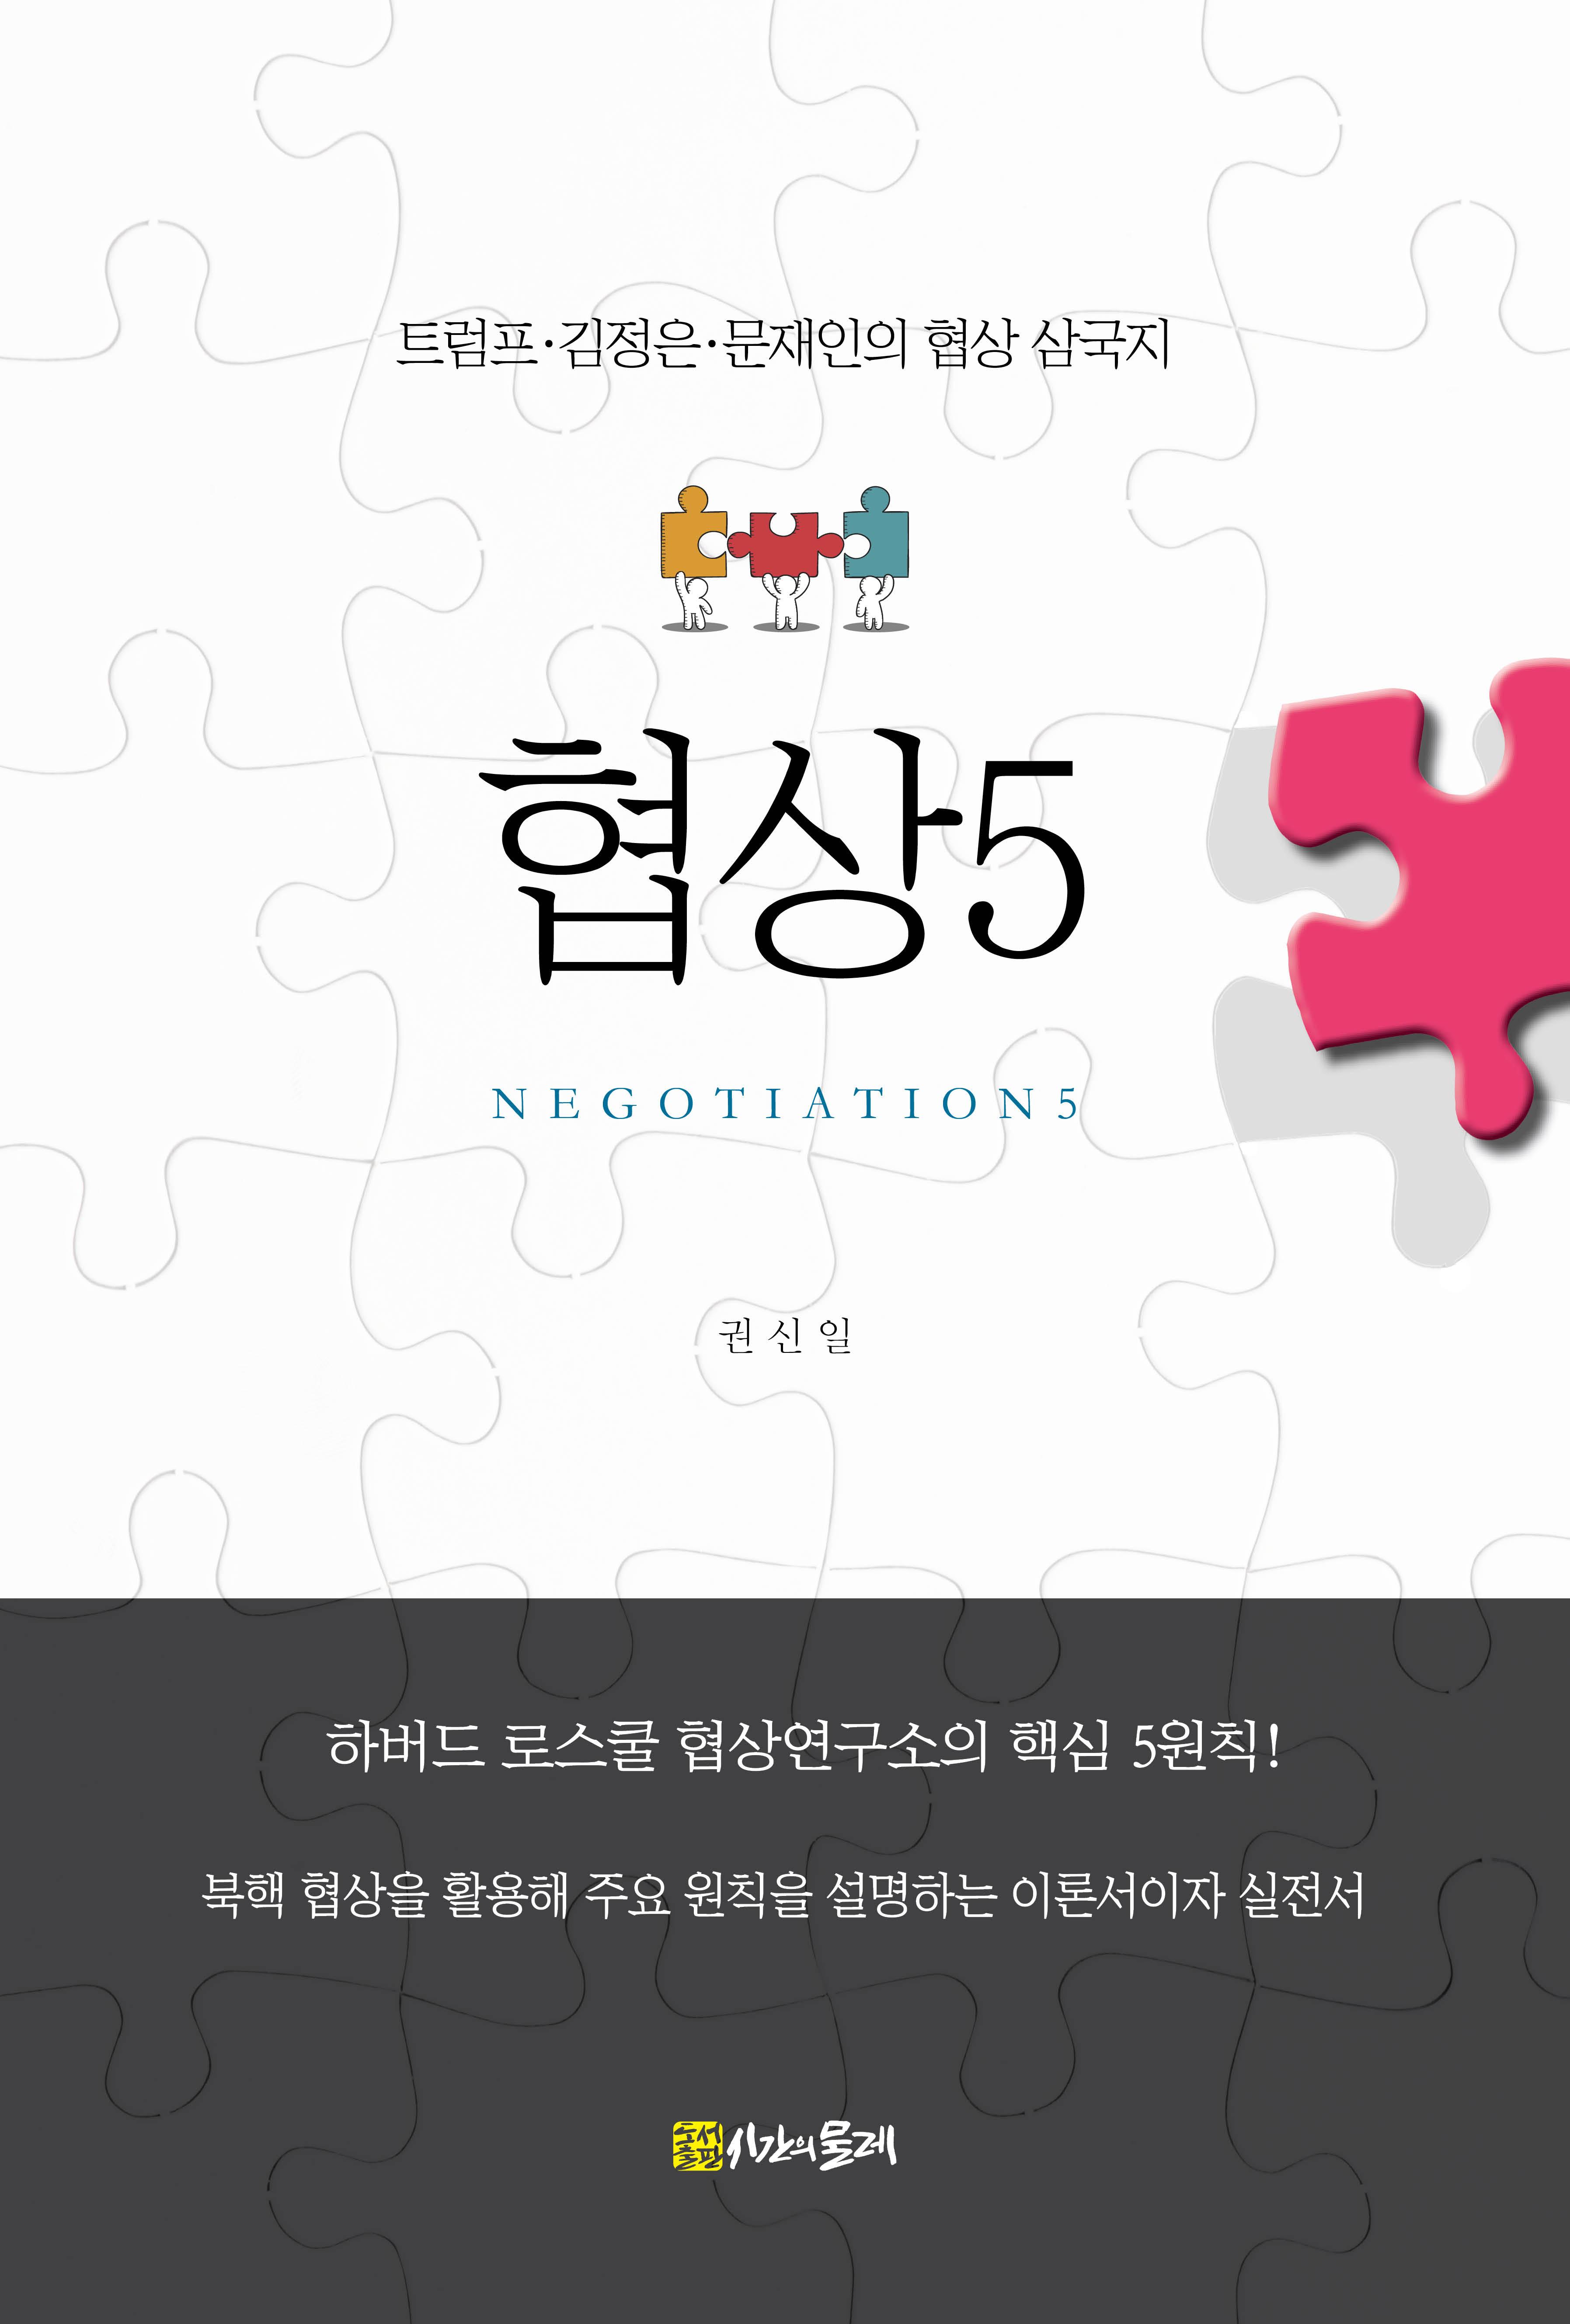 협상5 - 트럼프·김정은·문재인의 협상 삼국지